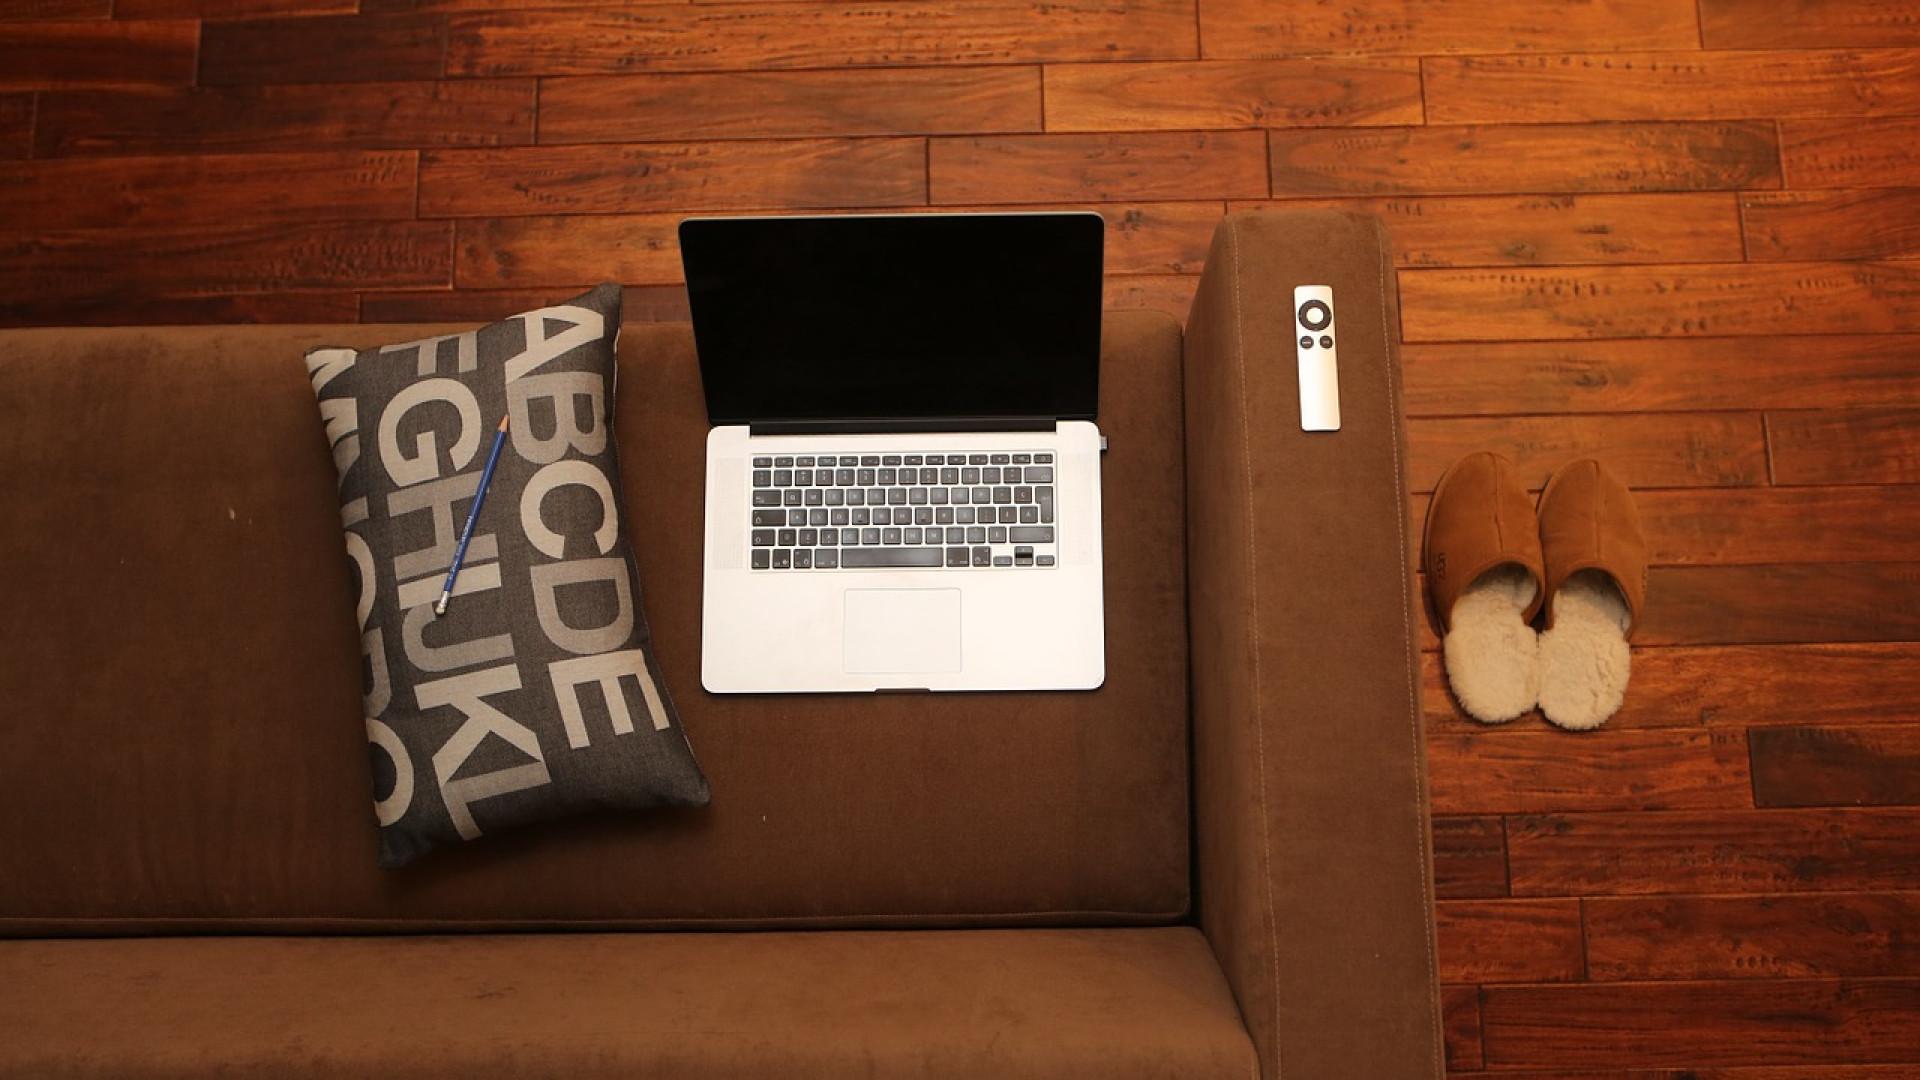 comment bien choisir son canapé d'extérieur ? - intermaison